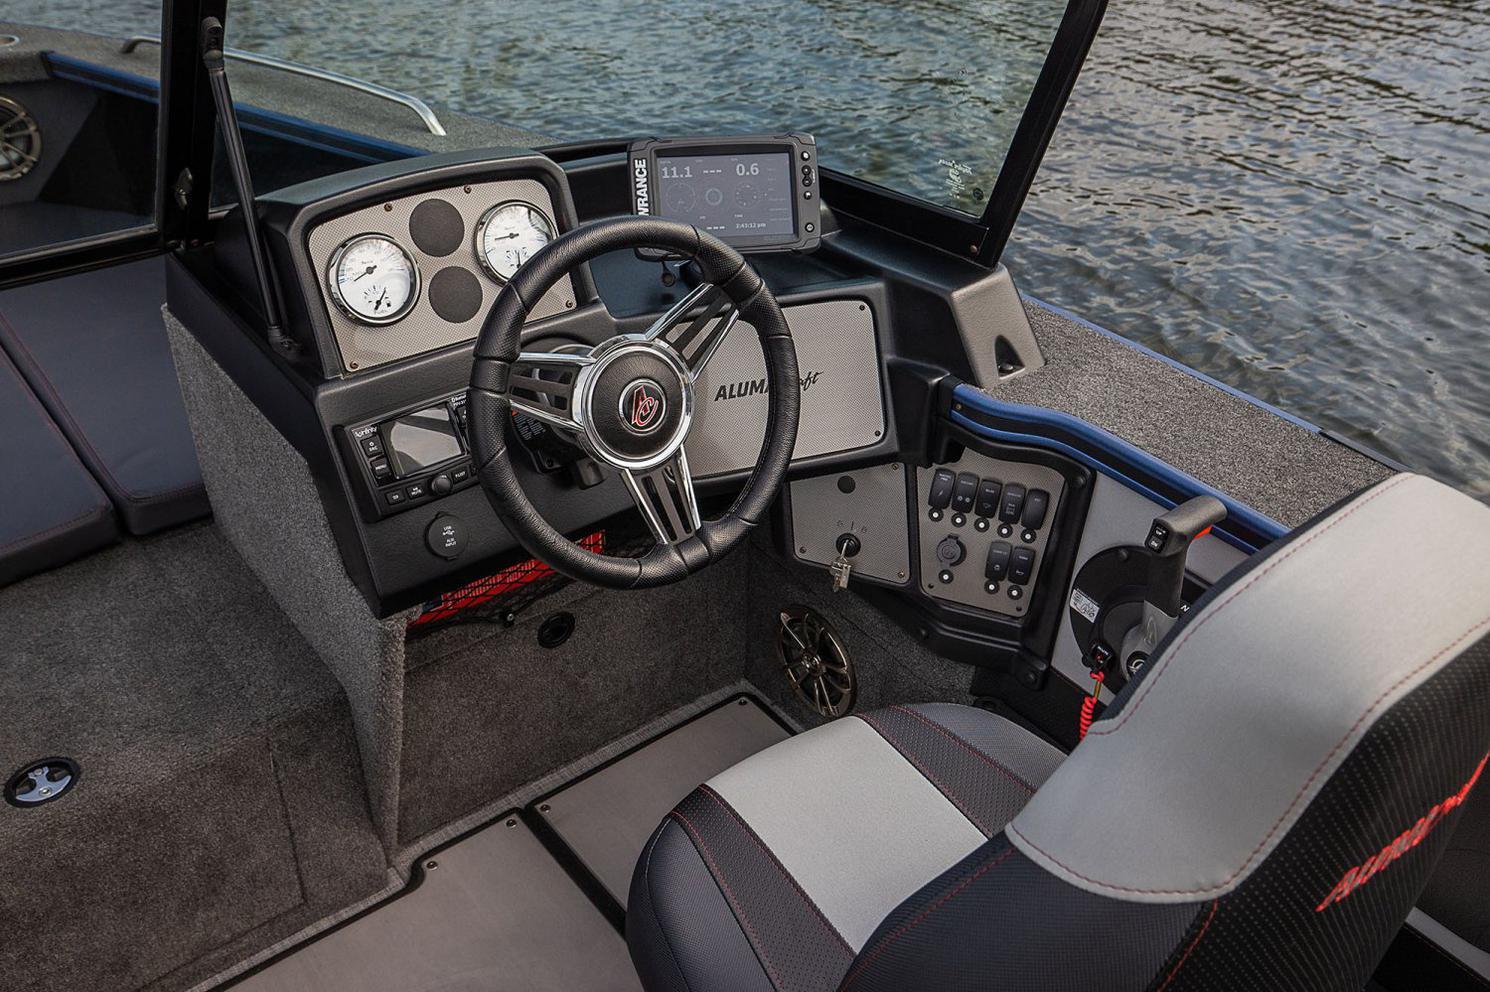 2021 Alumacraft boat for sale, model of the boat is ALUMACRAFT TROPHY 195 & Image # 3 of 6